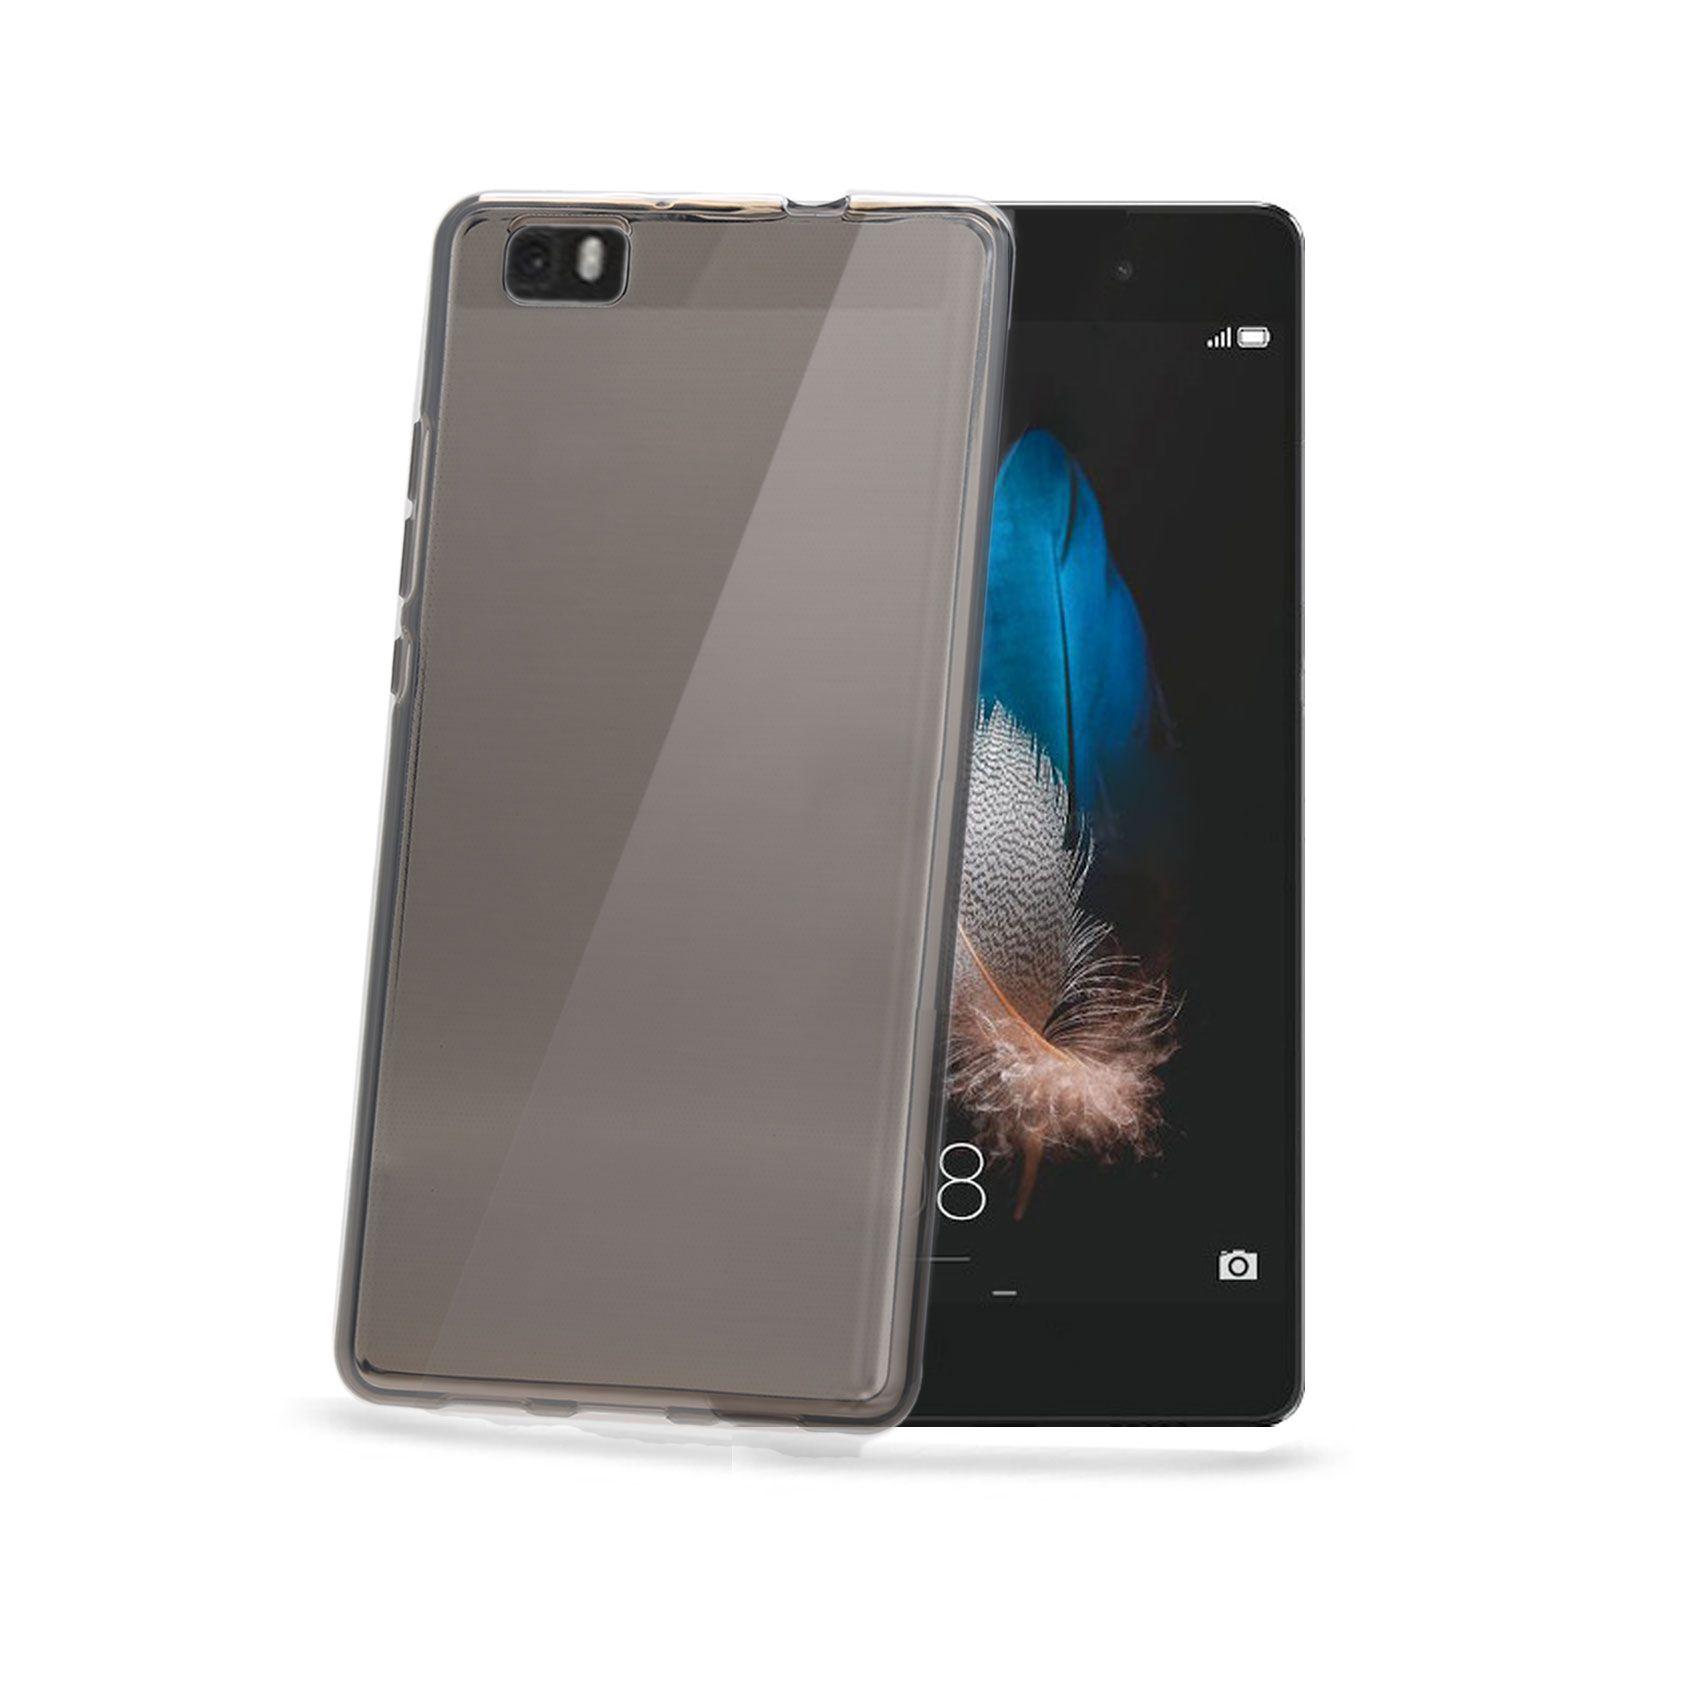 TPU pouzdro CELLY Gelskin pro Huawei P8 Lite, černé